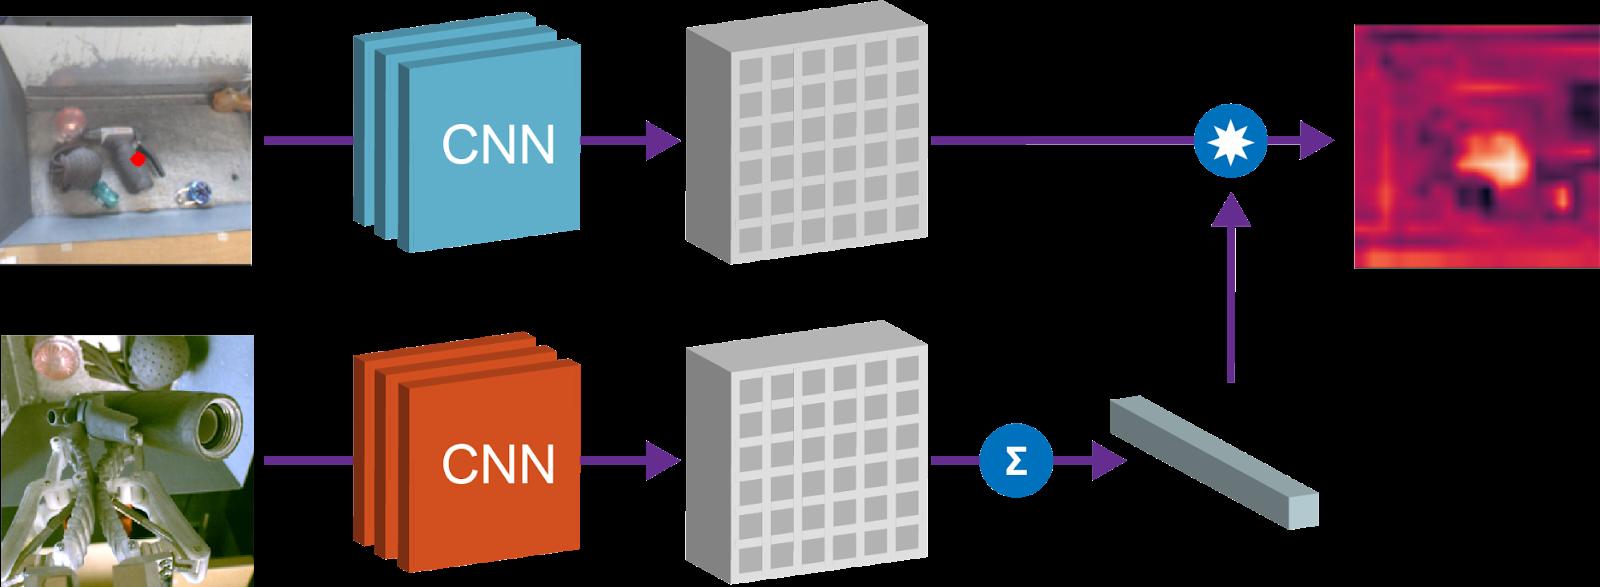 Grasp2Vec: обучение представлению объектов через захват с самостоятельным обучением - 7